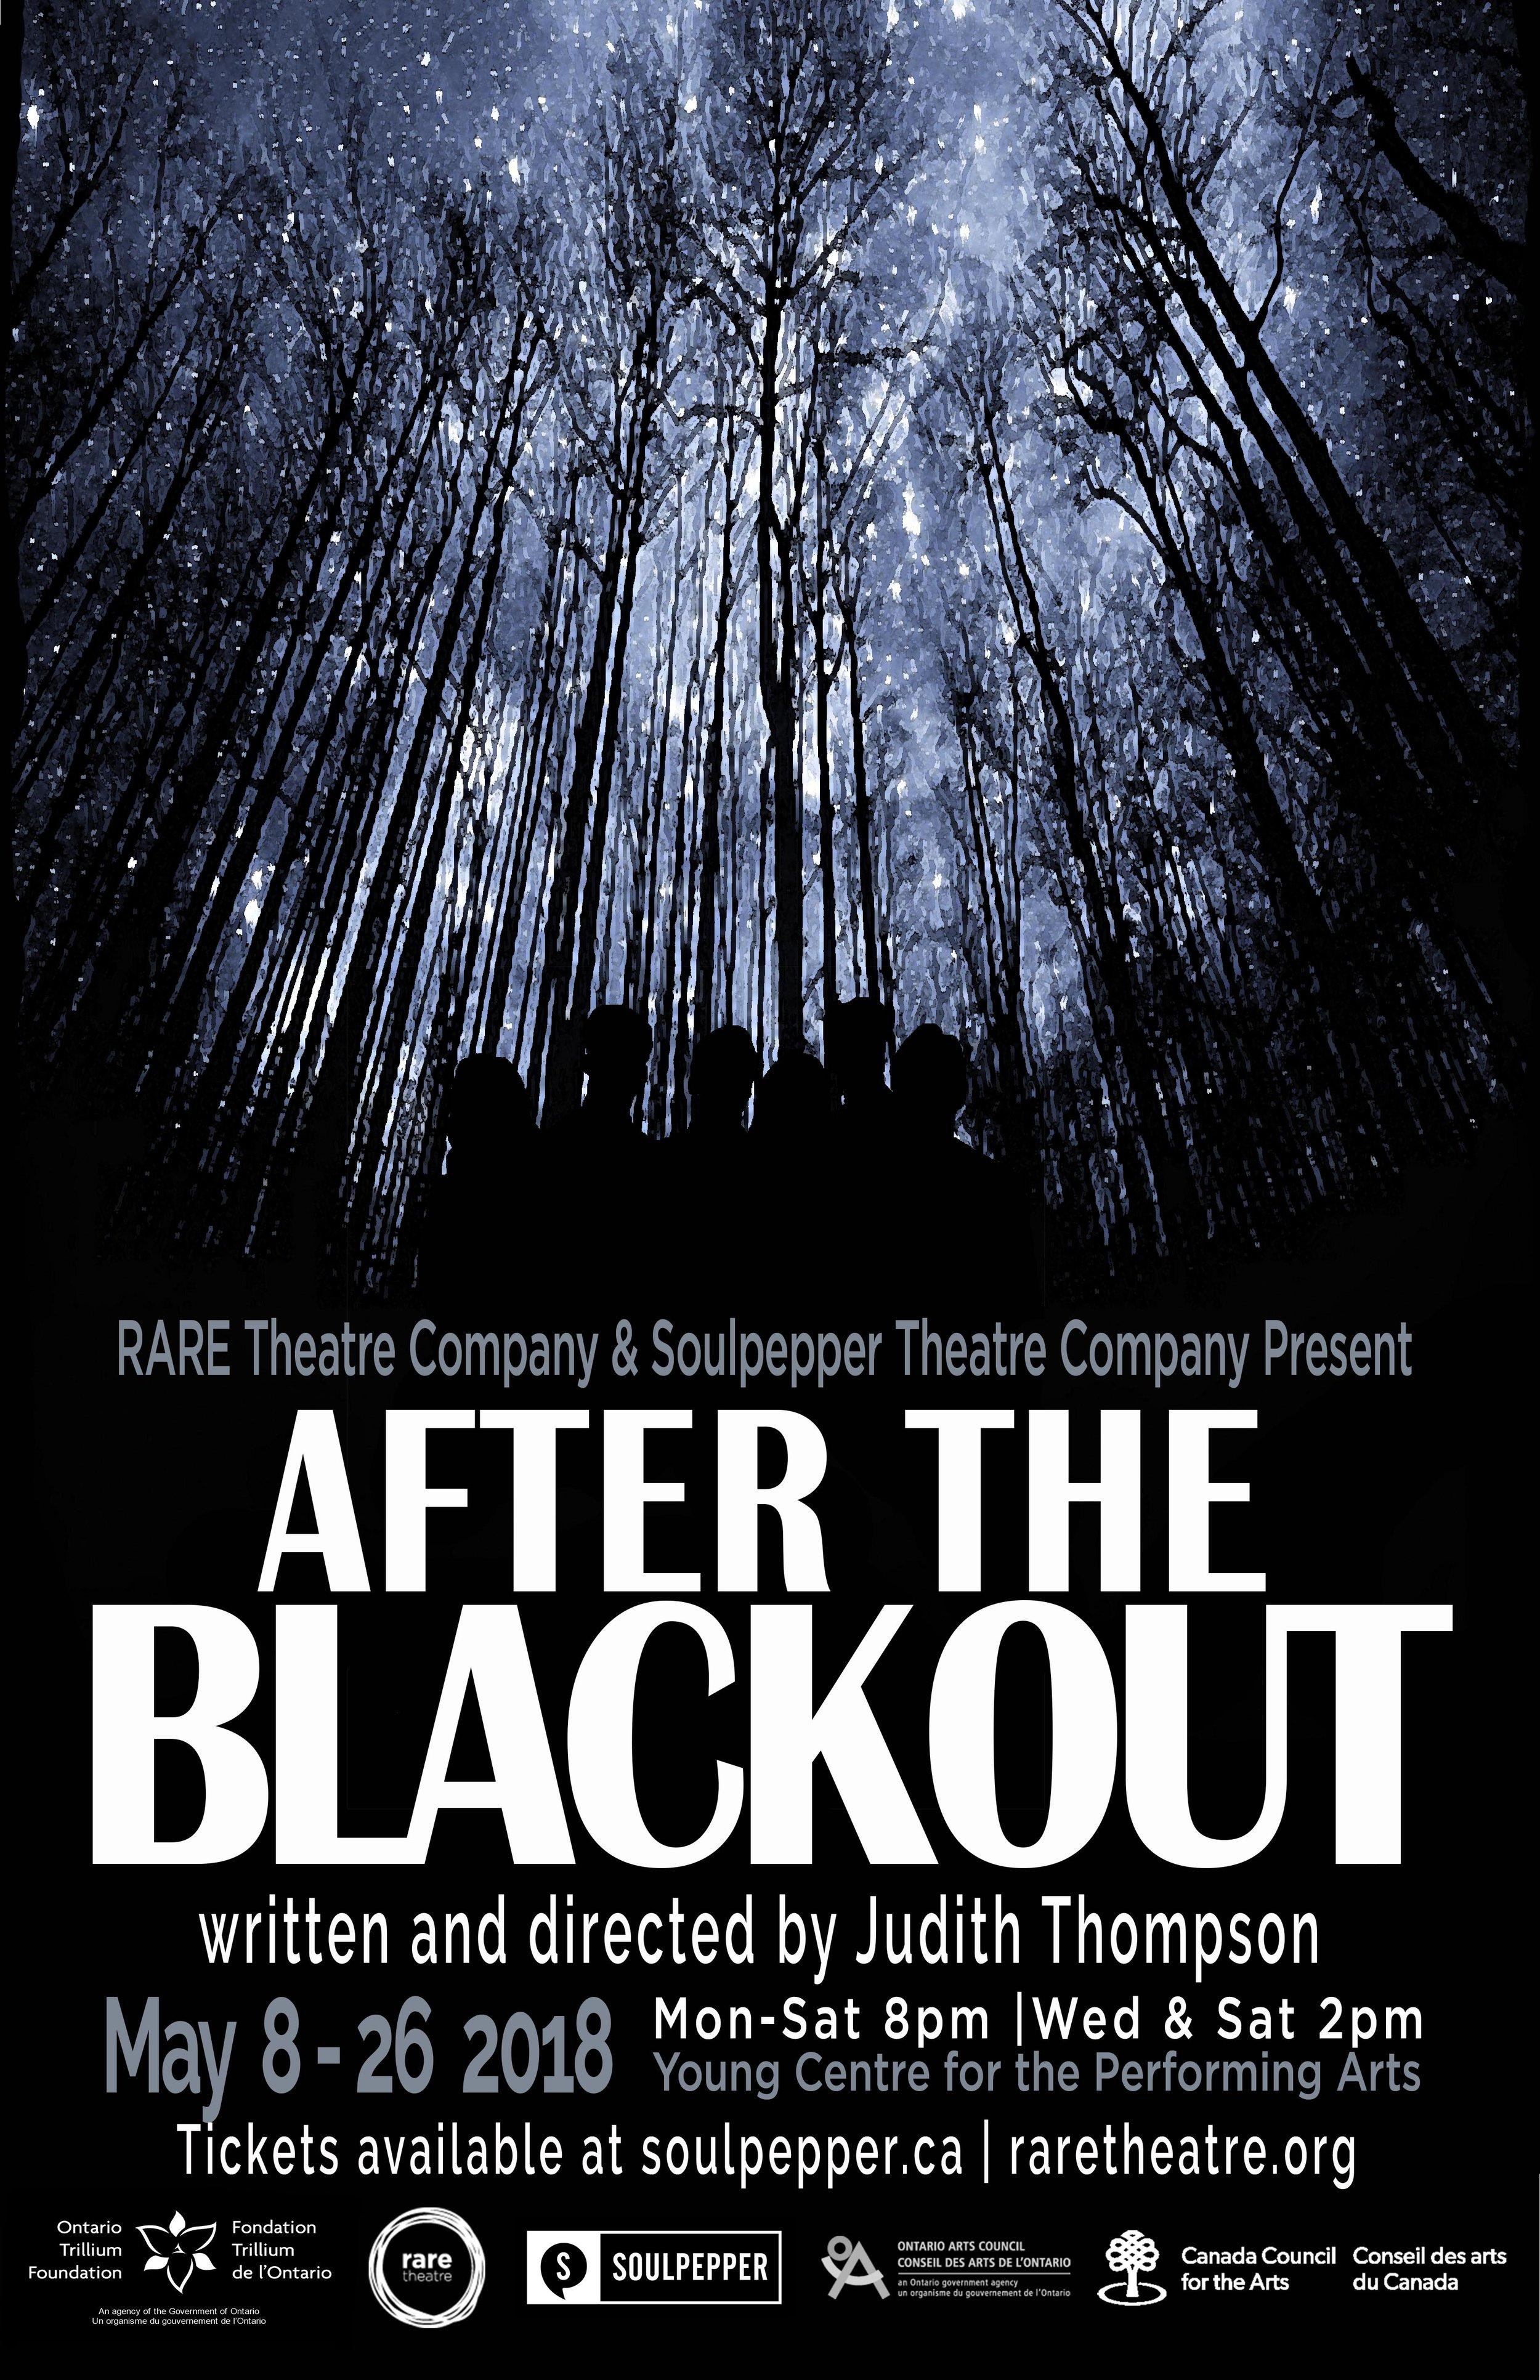 blackoutposter betterpic.jpg